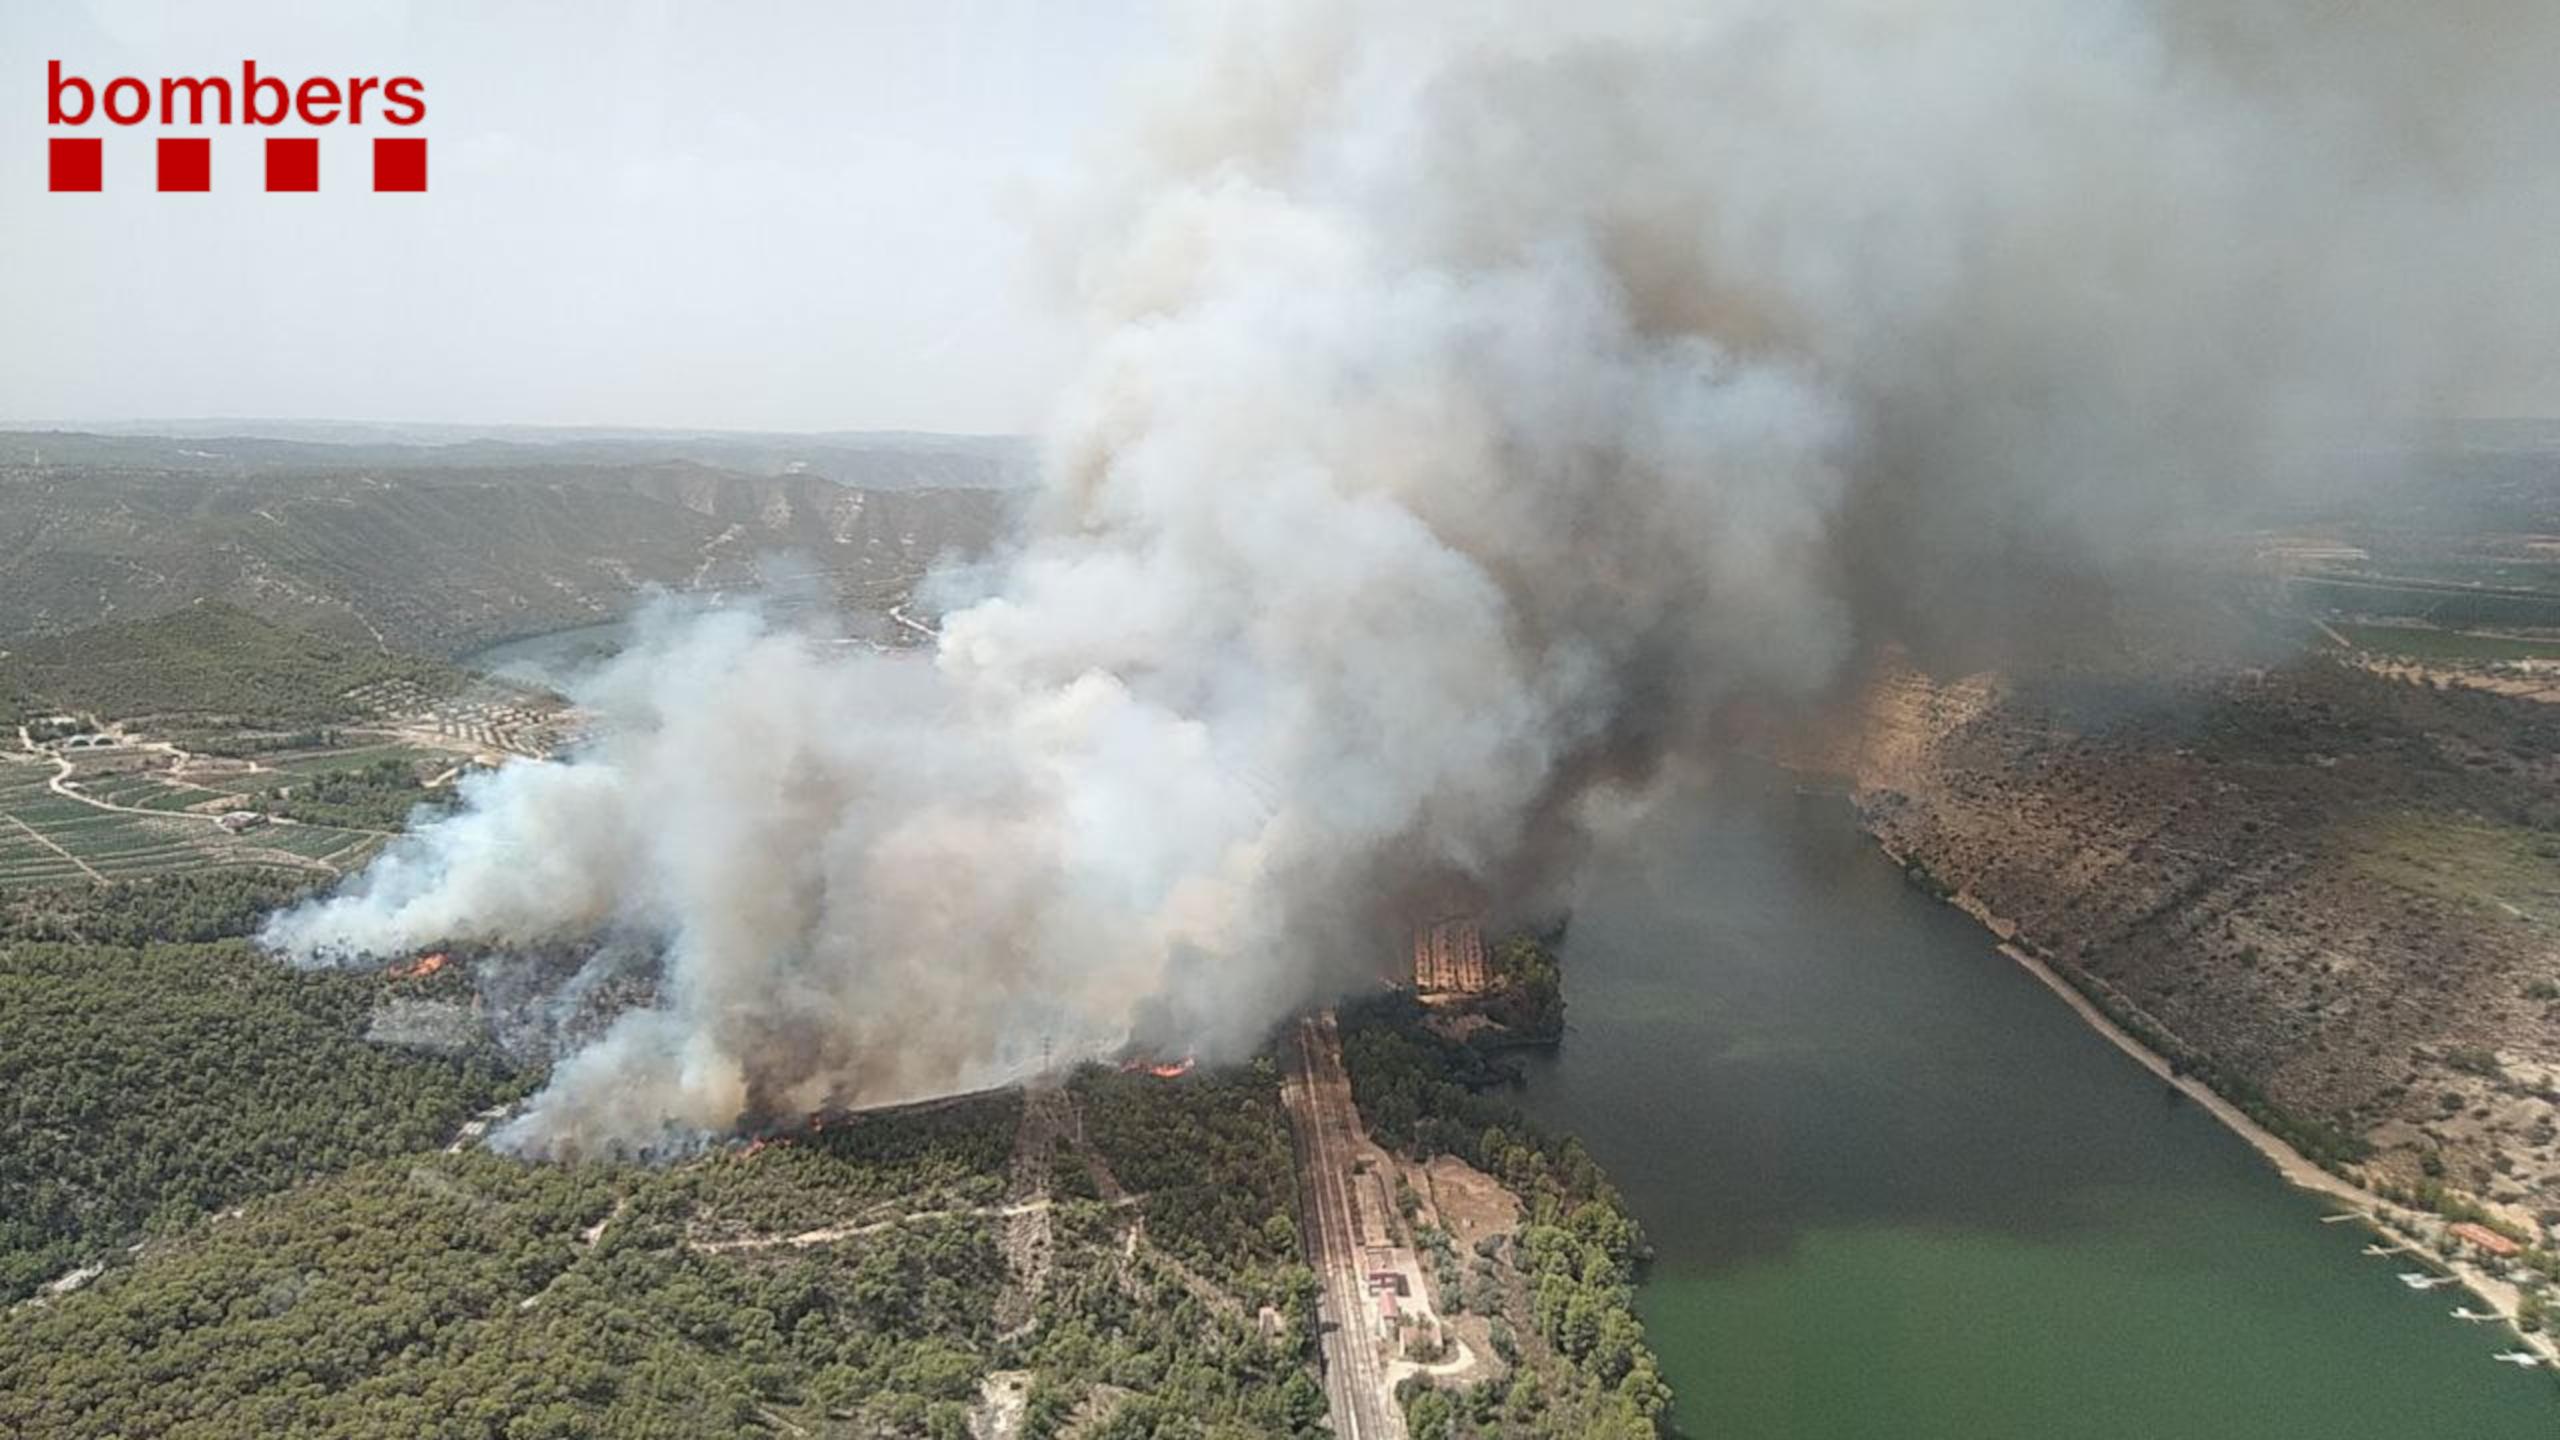 Imatge aèria del foc forestal que crema prop del riu Ebre a la Pobla de Massaluca. Imatge del 12 d'agost del 2021 / BOMBERS